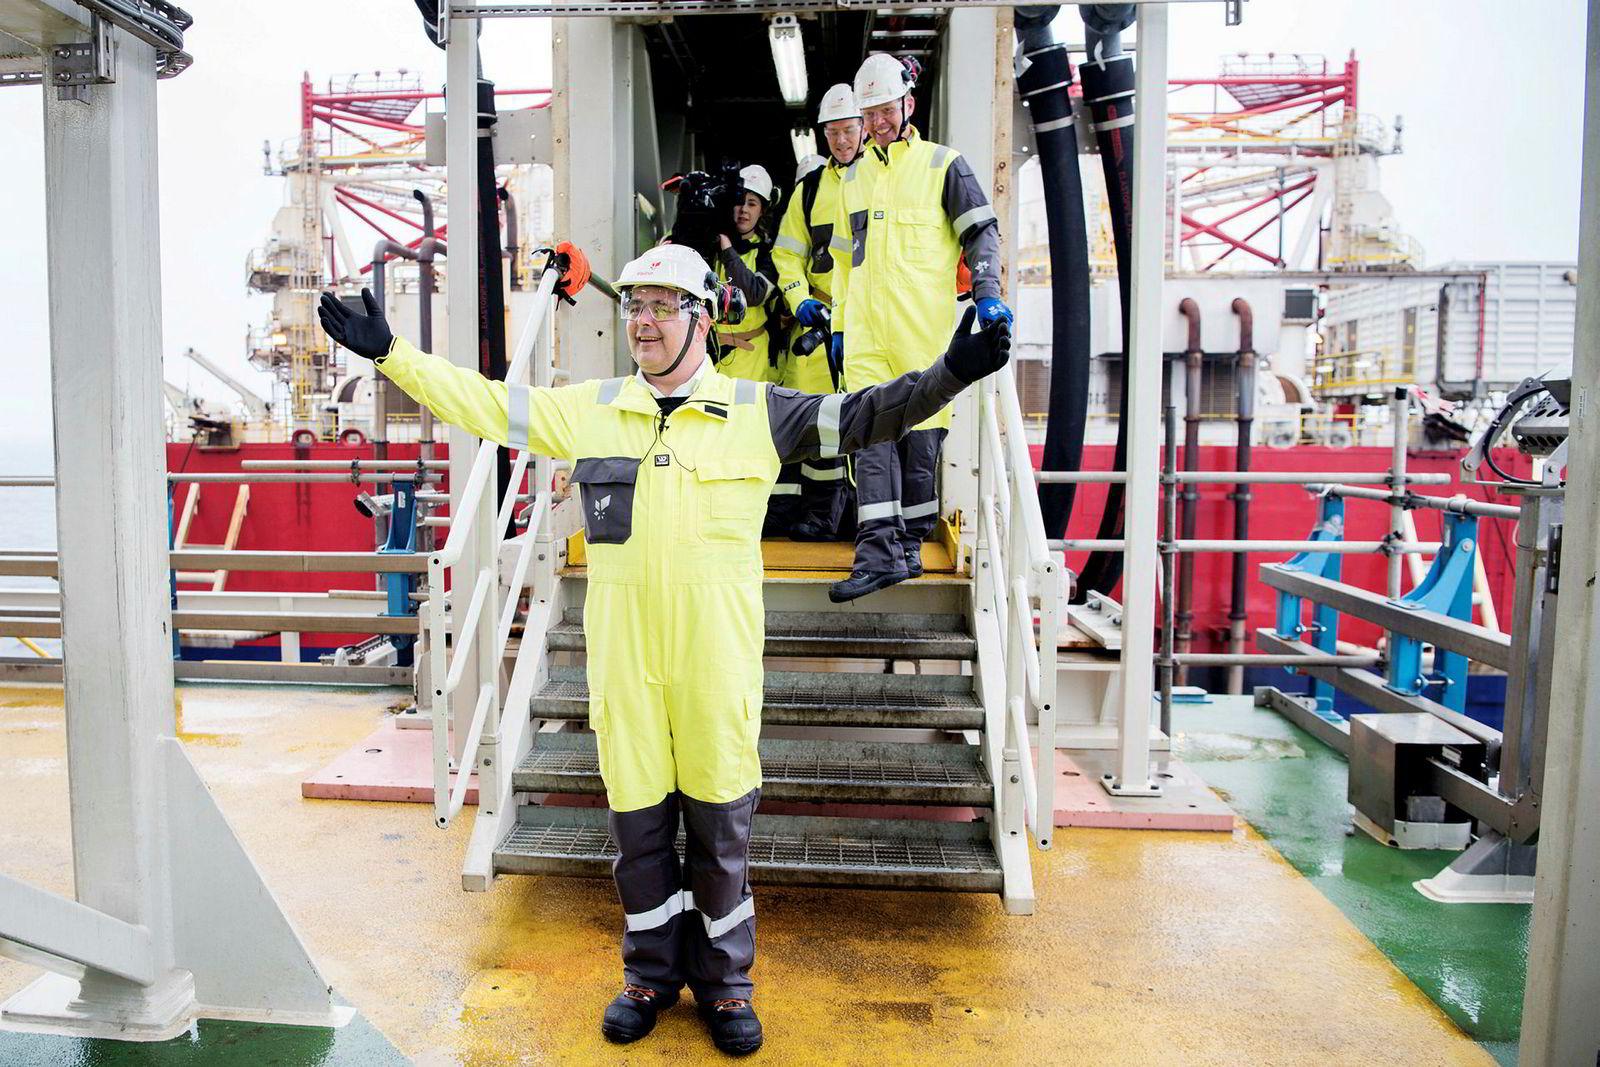 Sola/Nordsjøen, 9. oktober 2018:Tidligere olje- og energiminister Kjell-Børge Freiberg  var en av dem som jublet høylytt over utbyggingen da han besøkte feltet. Han fikk høsten 2018 æren å trykke på elektrisitetsknappen ombord. Det var mye politisk diskusjon rundt elektrifiseringen av feltet. Det ble banket gjennom. Strøm fra land anslås å redusere CO2-utslippene fra feltet med mer enn 620.000 tonn CO2 per år, til sammen mer enn 25 millioner tonn CO2 gjennom feltets levetid. Etter 2022 skal feltet også levere strøm fra land til andre felt på Utsirahøyden, blant annet Edvard Grieg, Ivar Aasen og Gina Krog.